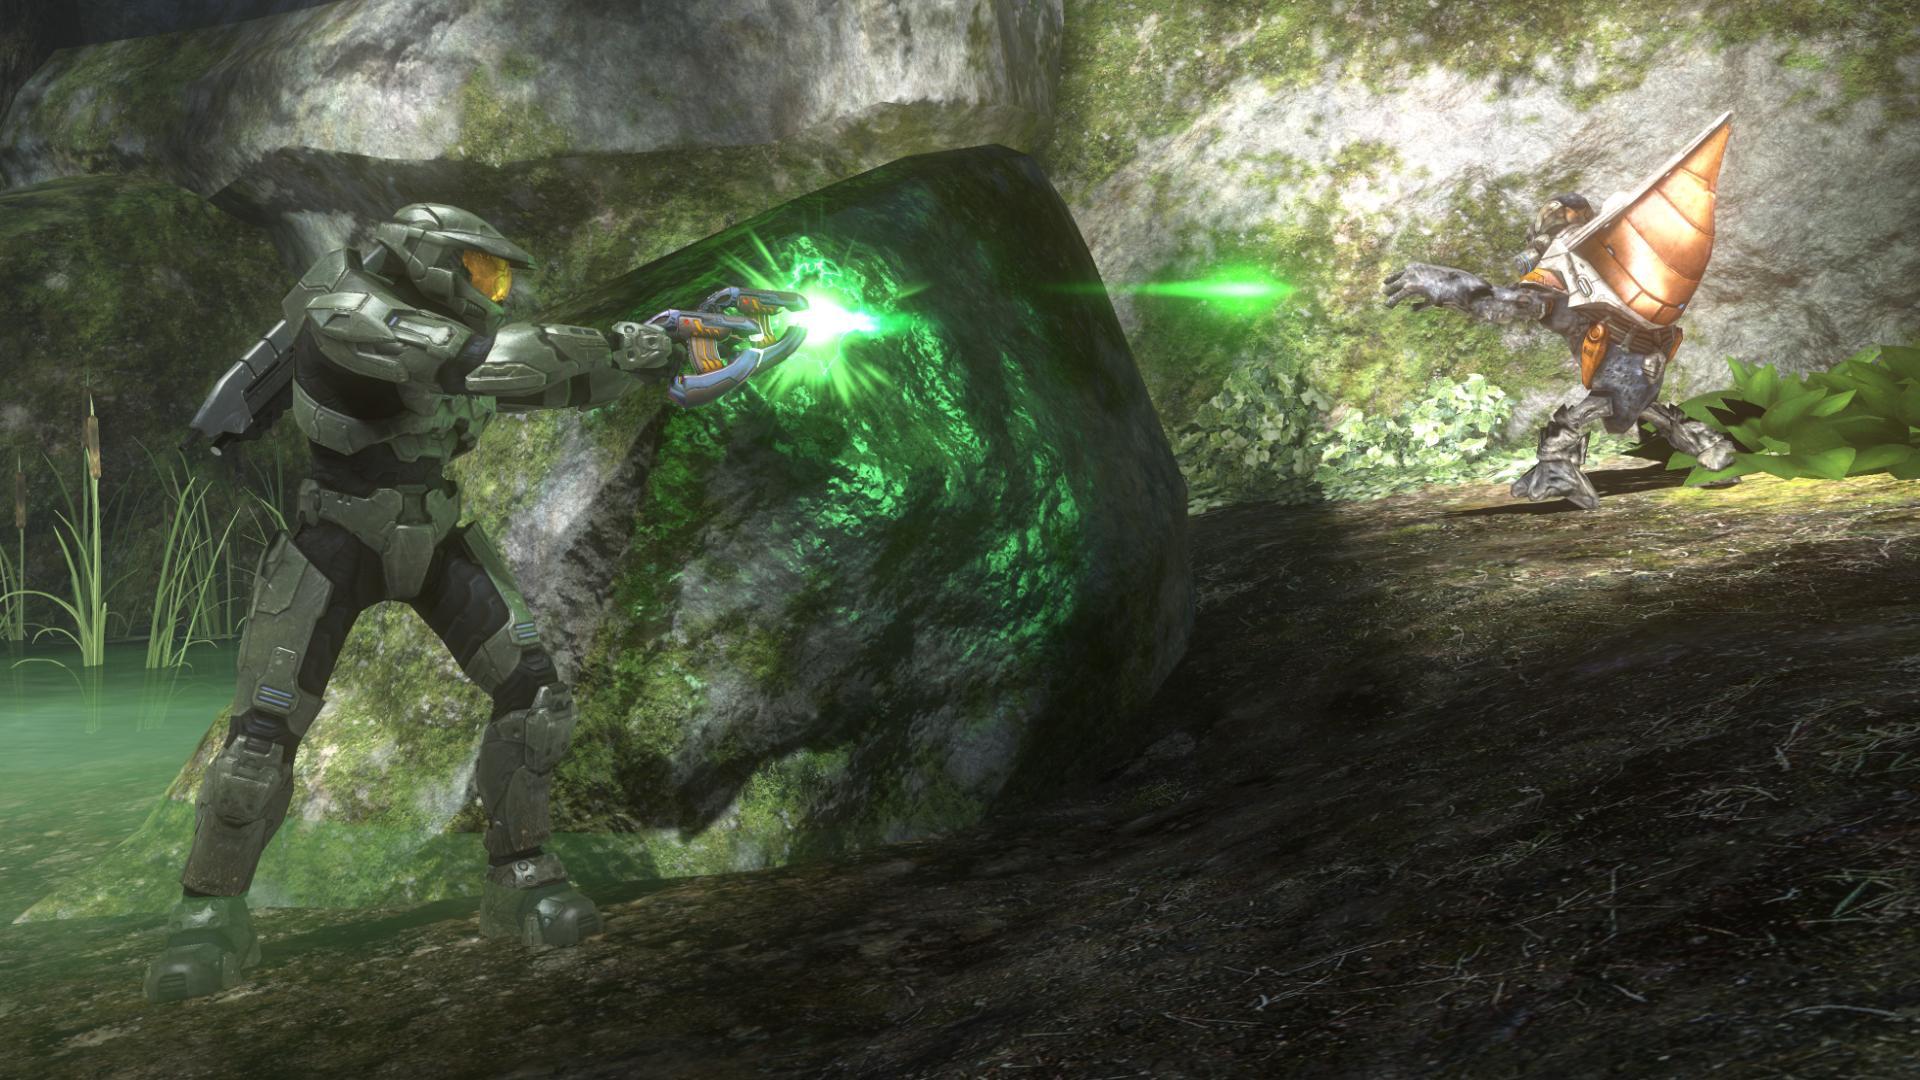 1520614399 b7e24b4ac5 o Halo 3: Fire!